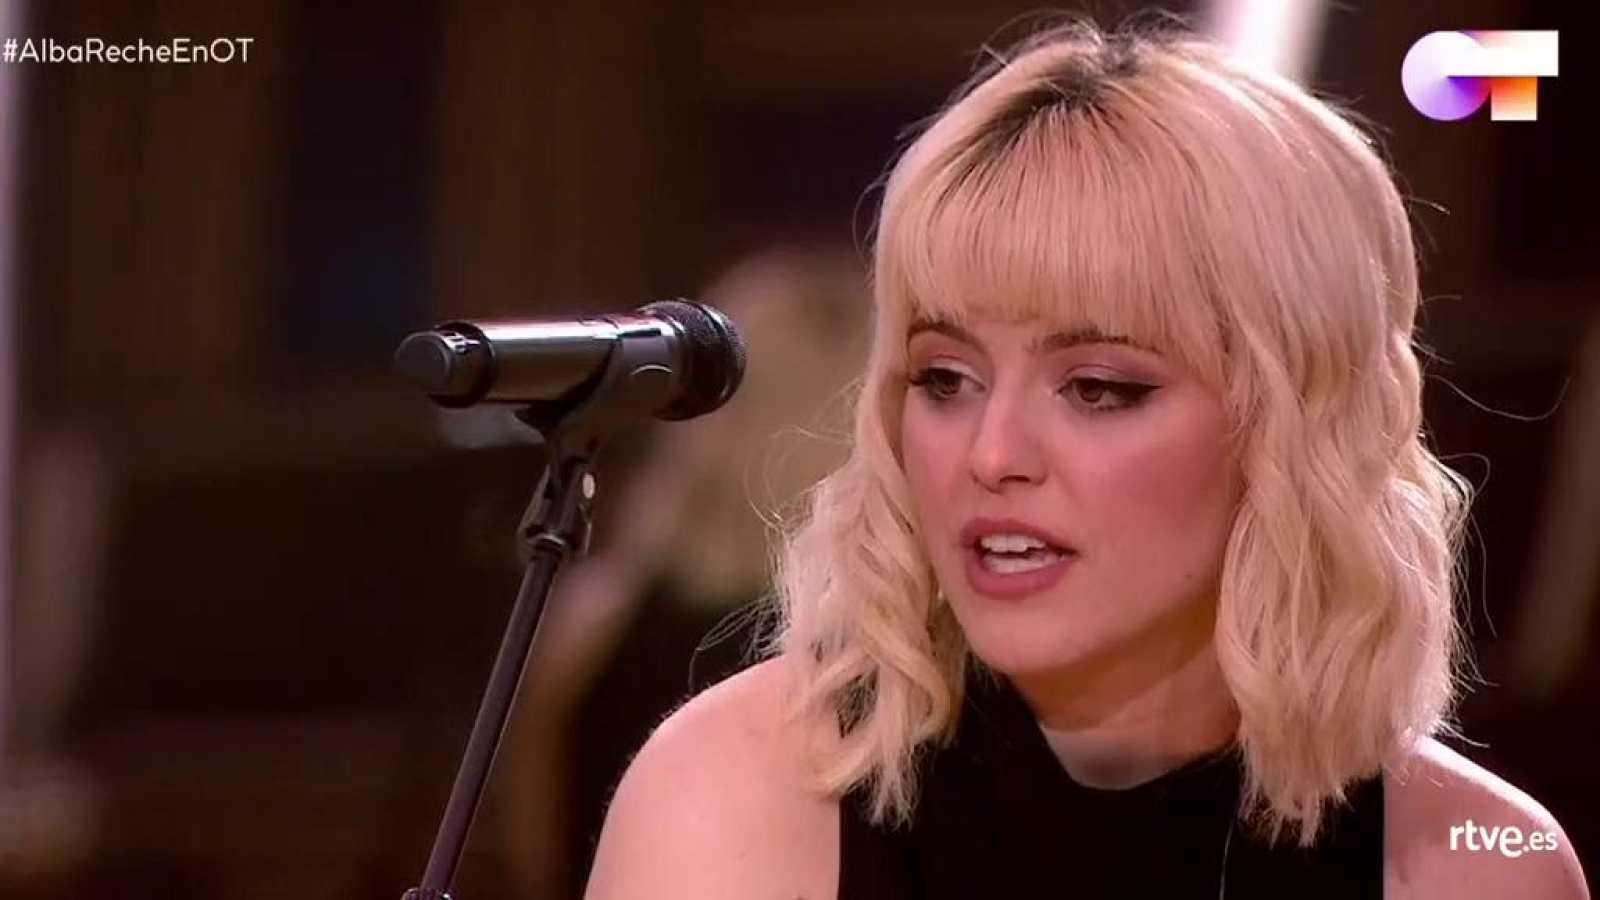 Alba Reche da un concierto en la Academia de OT 2020